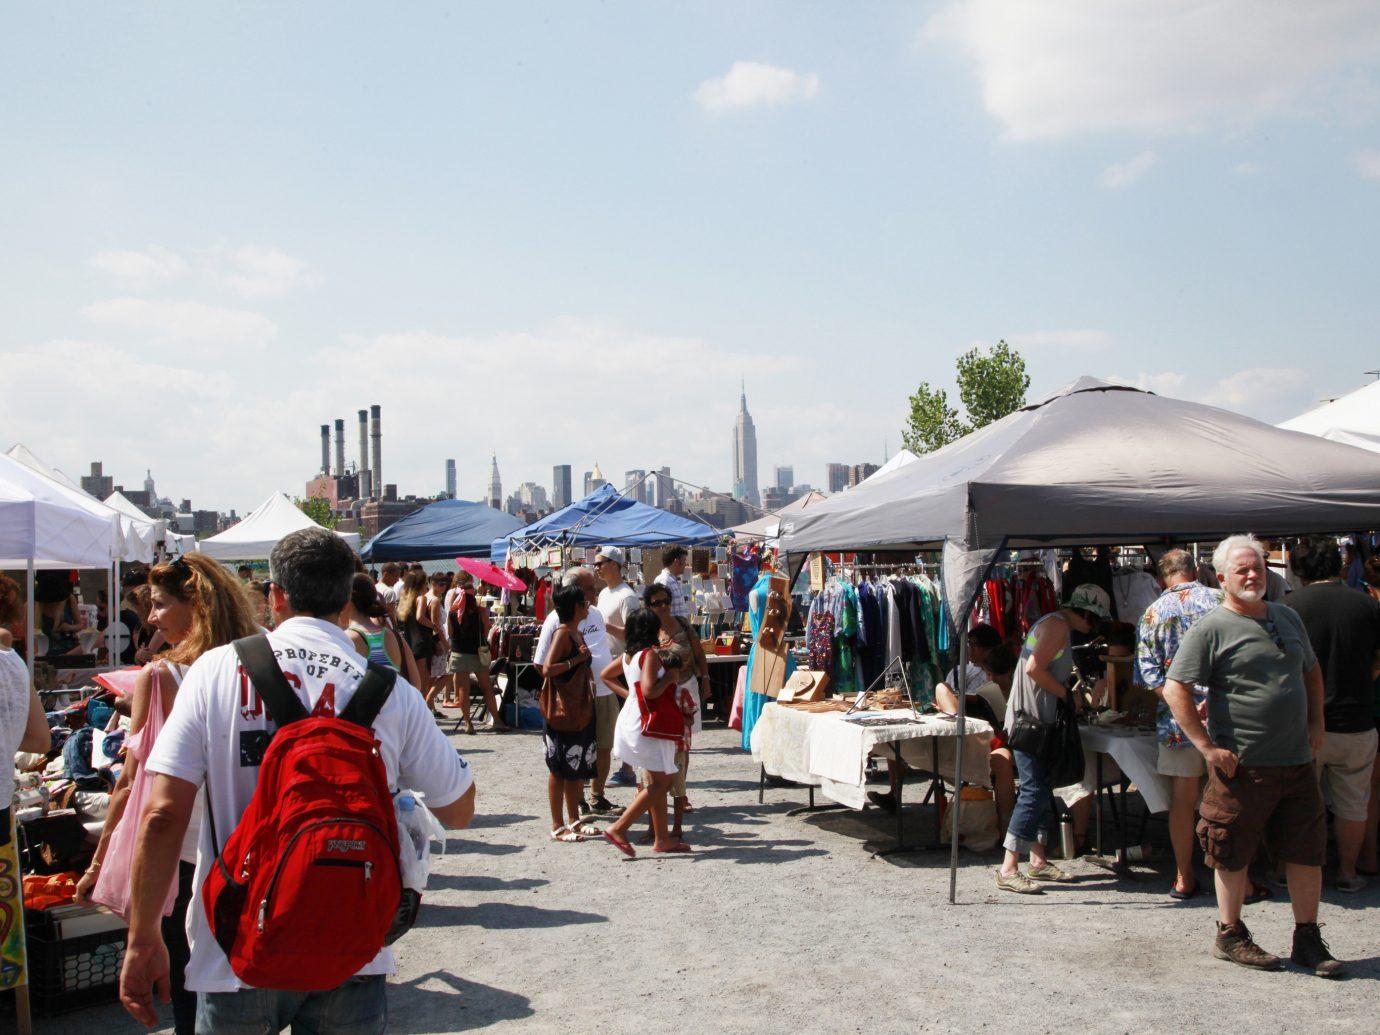 Trip Ideas sky person outdoor people crowd market City public space group human settlement vendor tourism dancer festival